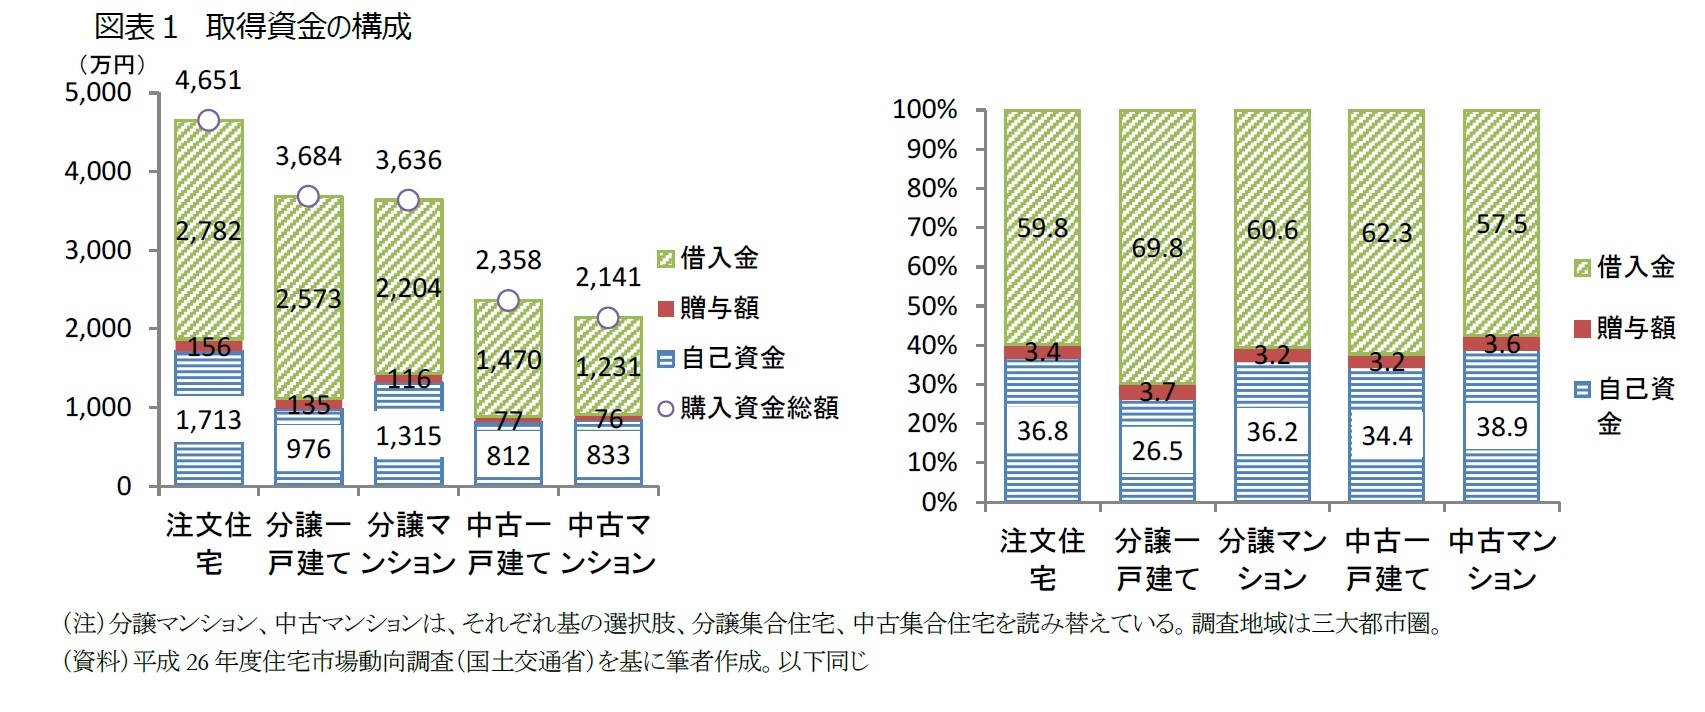 図表1 取得資金の構成